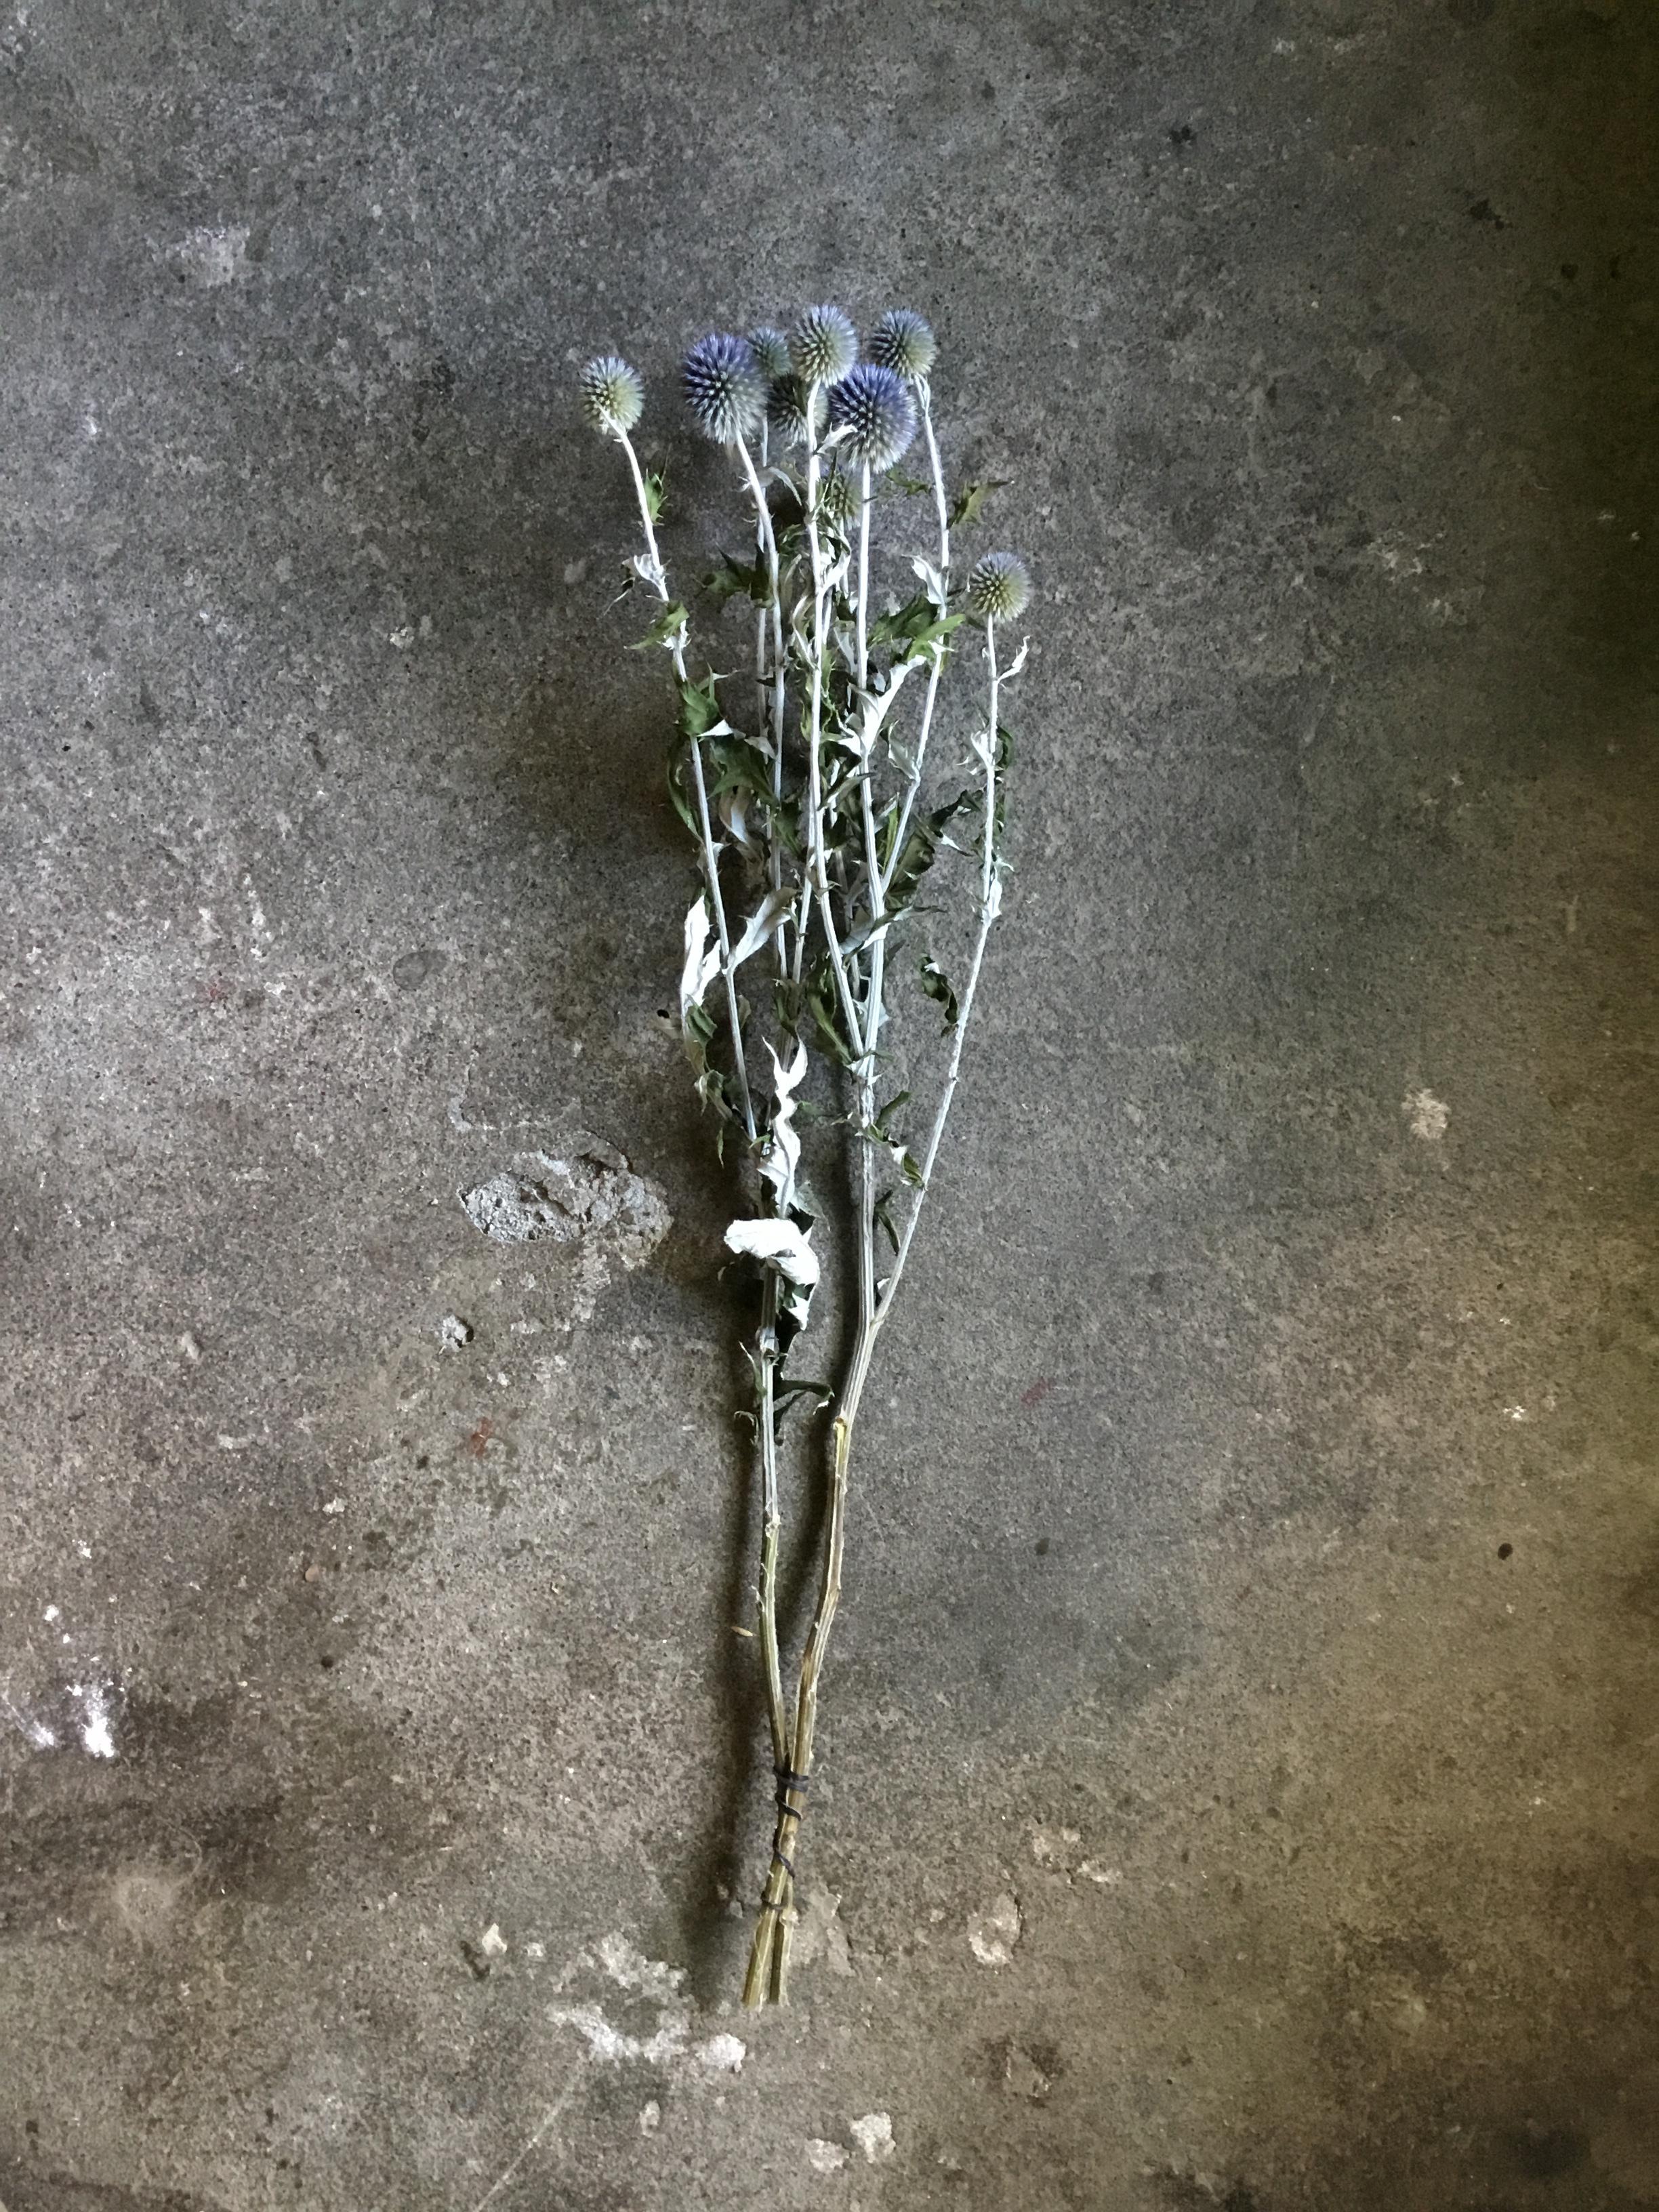 ルリタマアザミ ベッチーズブルー ドライフラワー